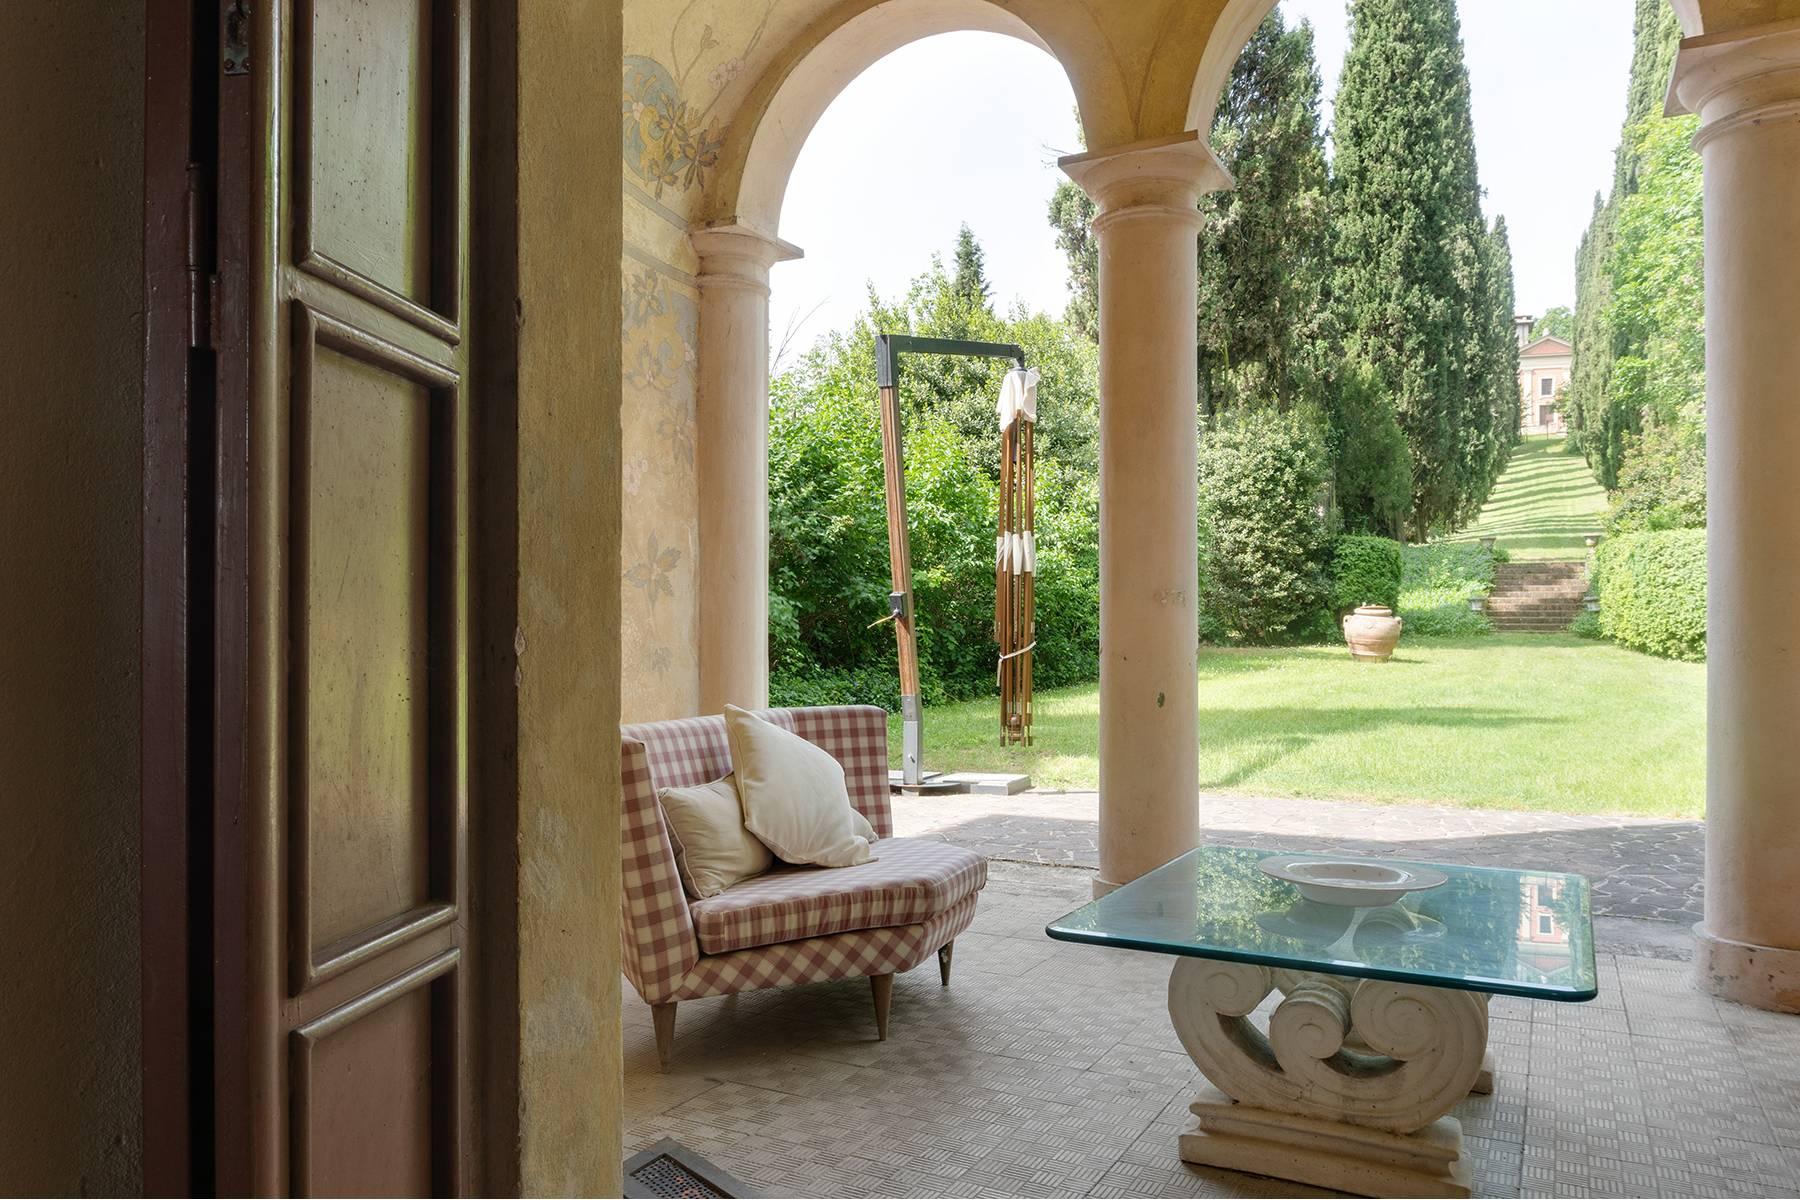 Villa in Vendita a Fiorano Modenese: 5 locali, 470 mq - Foto 17